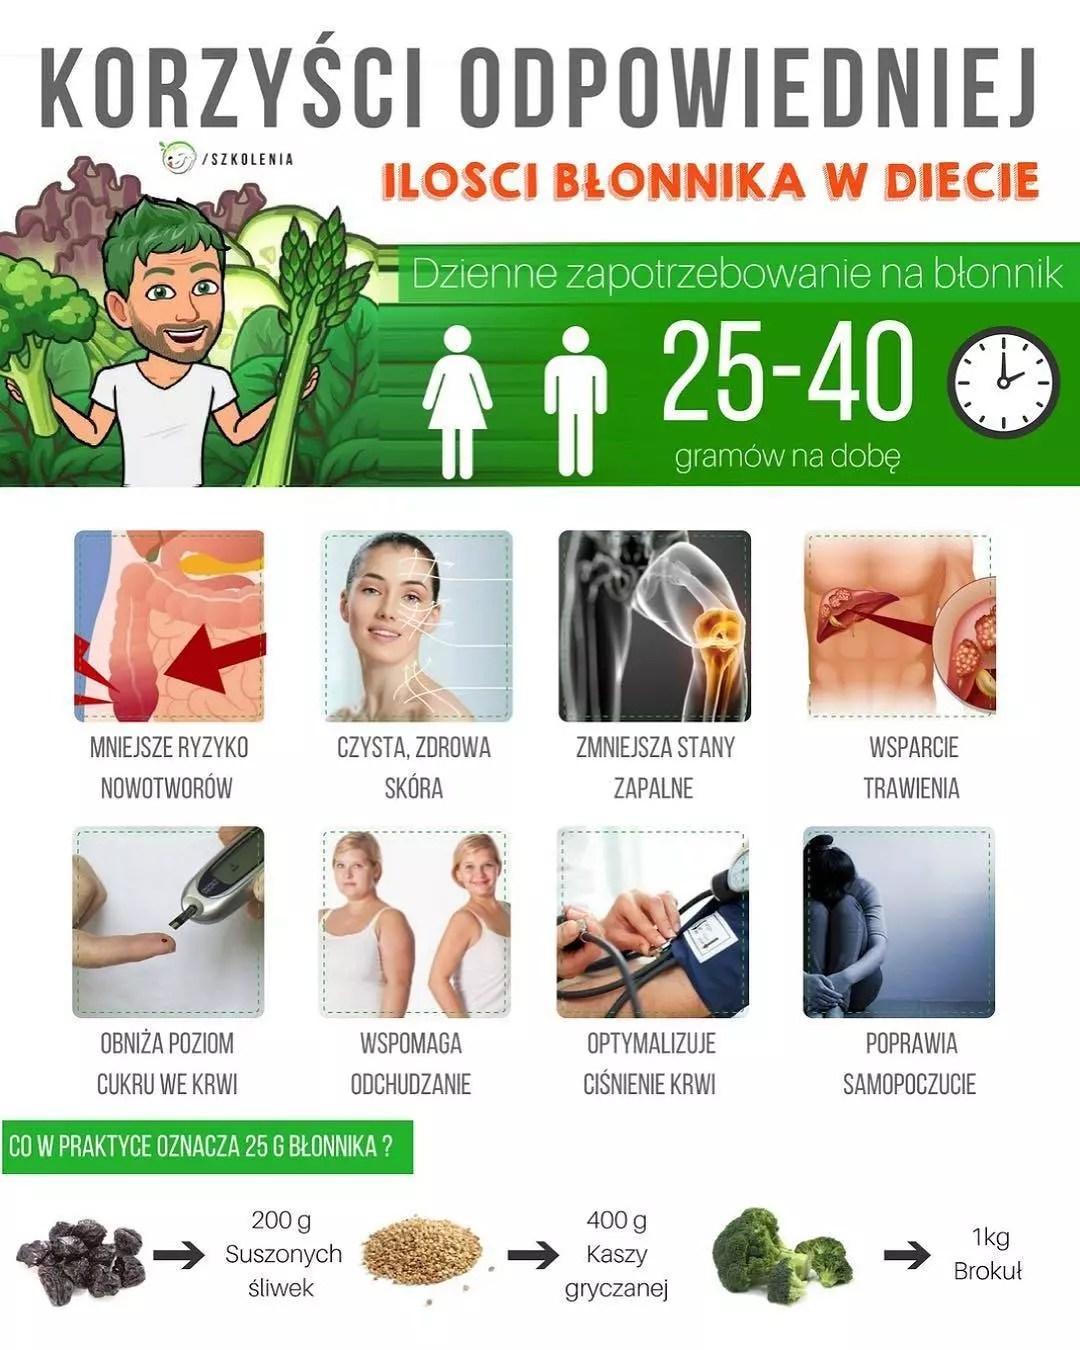 Znalezione obrazy dla zapytania site:motywatordietetyczny.pl błonnik